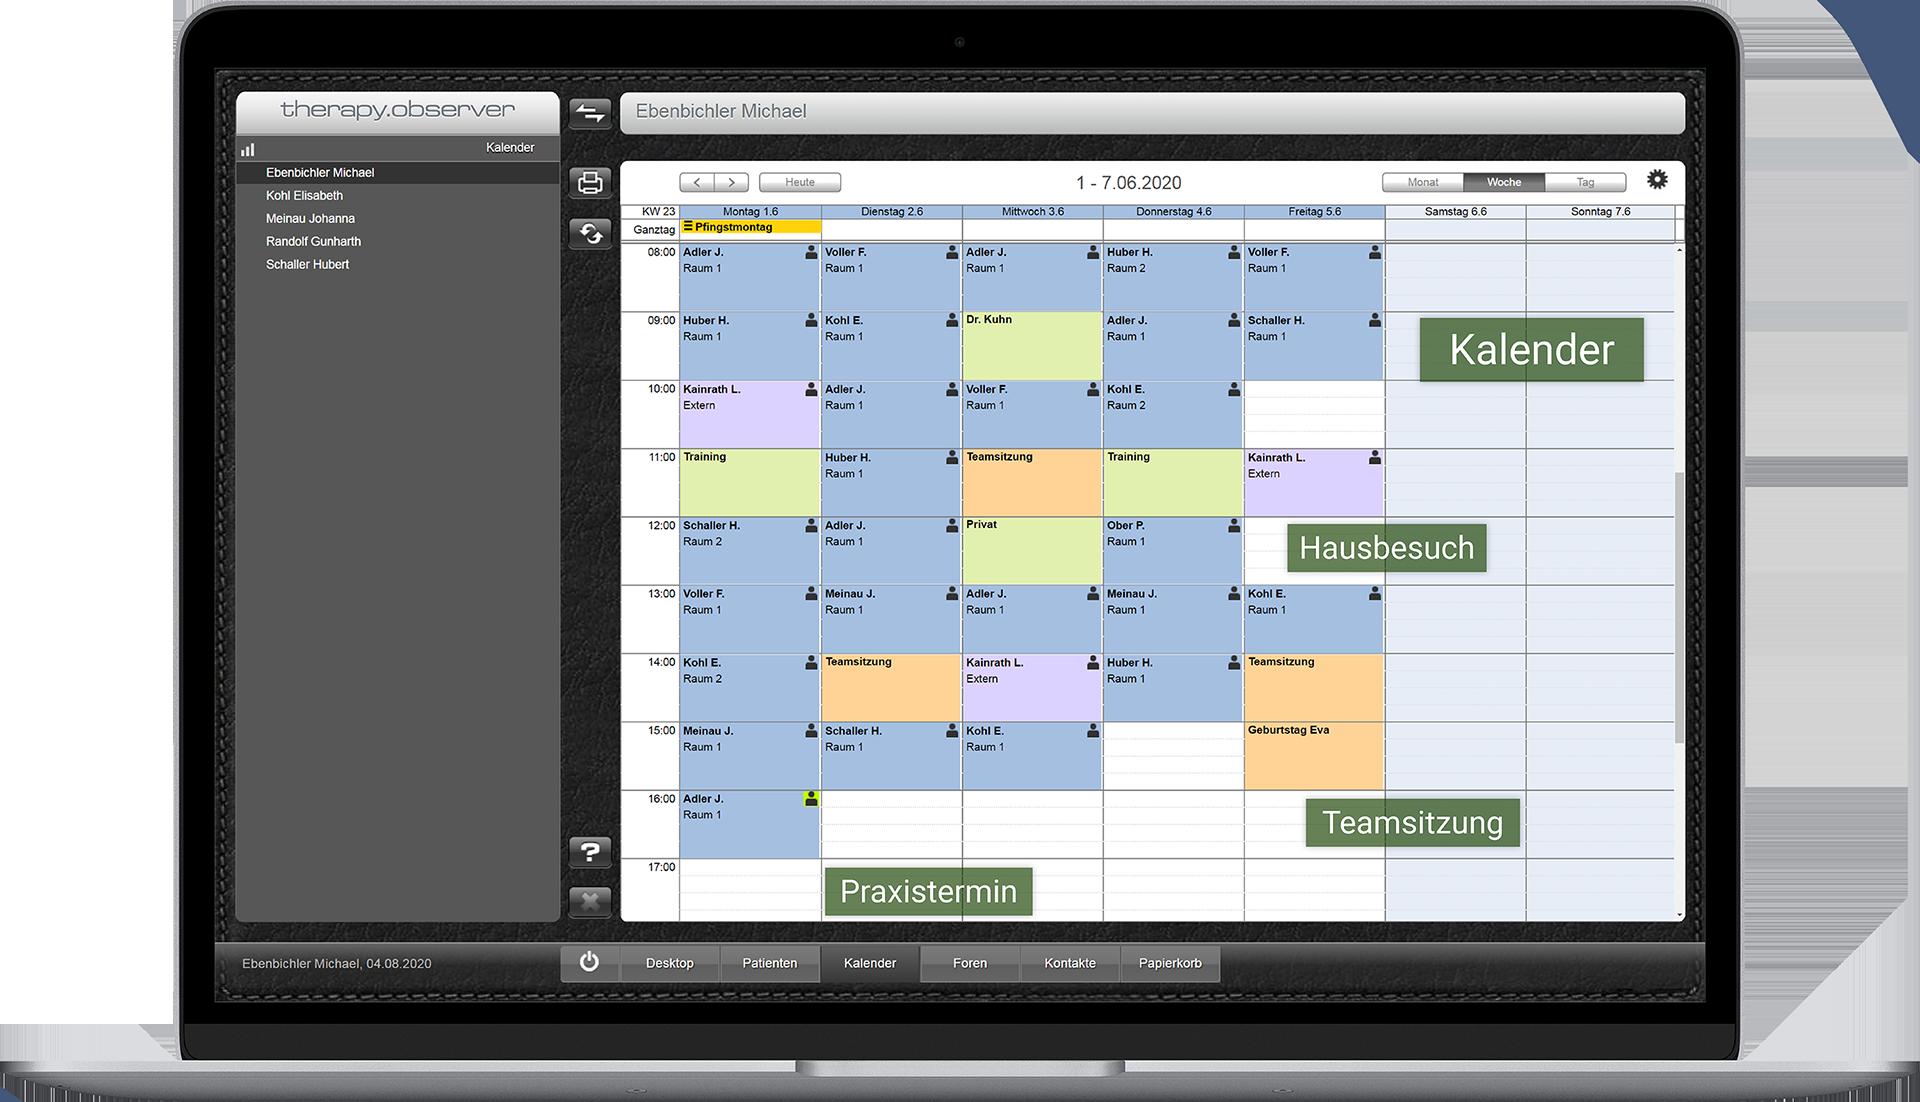 2020_Funktion_Kalender